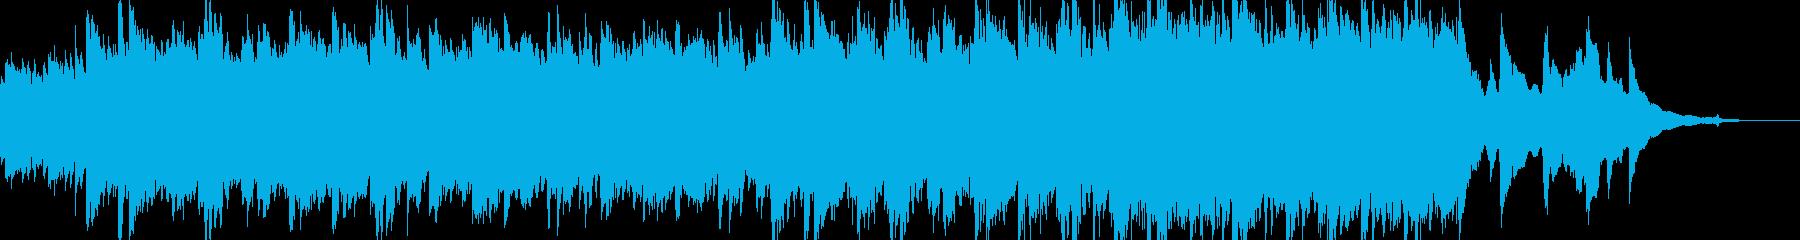 現代的 交響曲 ほのぼの 幸せ 感...の再生済みの波形